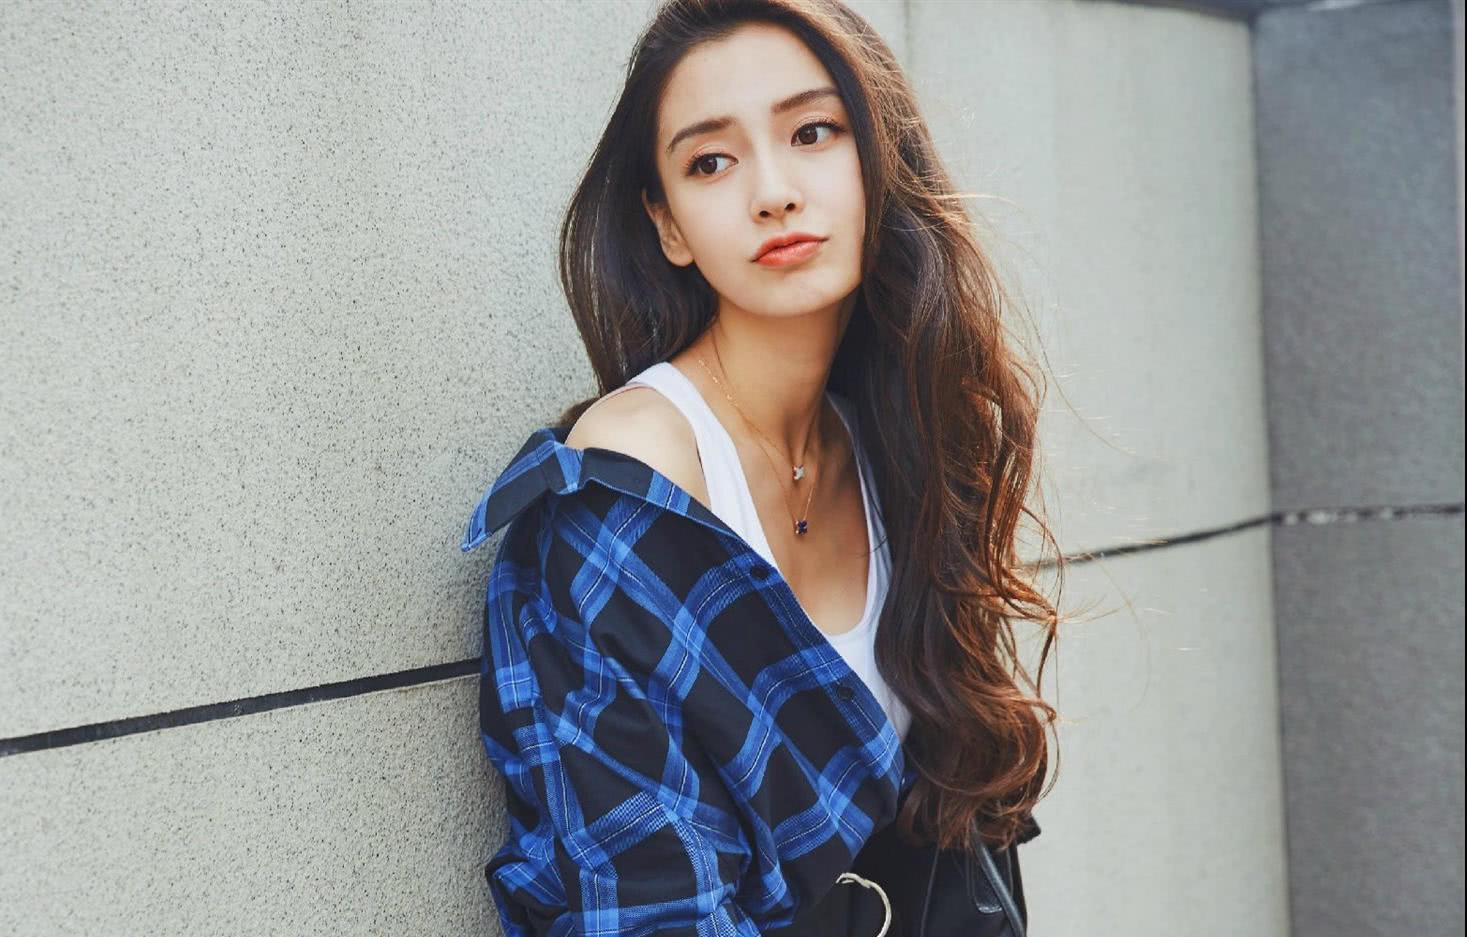 2019明星 排行榜_调走赵大宝换来李大宝 有一种演技叫焦俊艳的雌雄同体